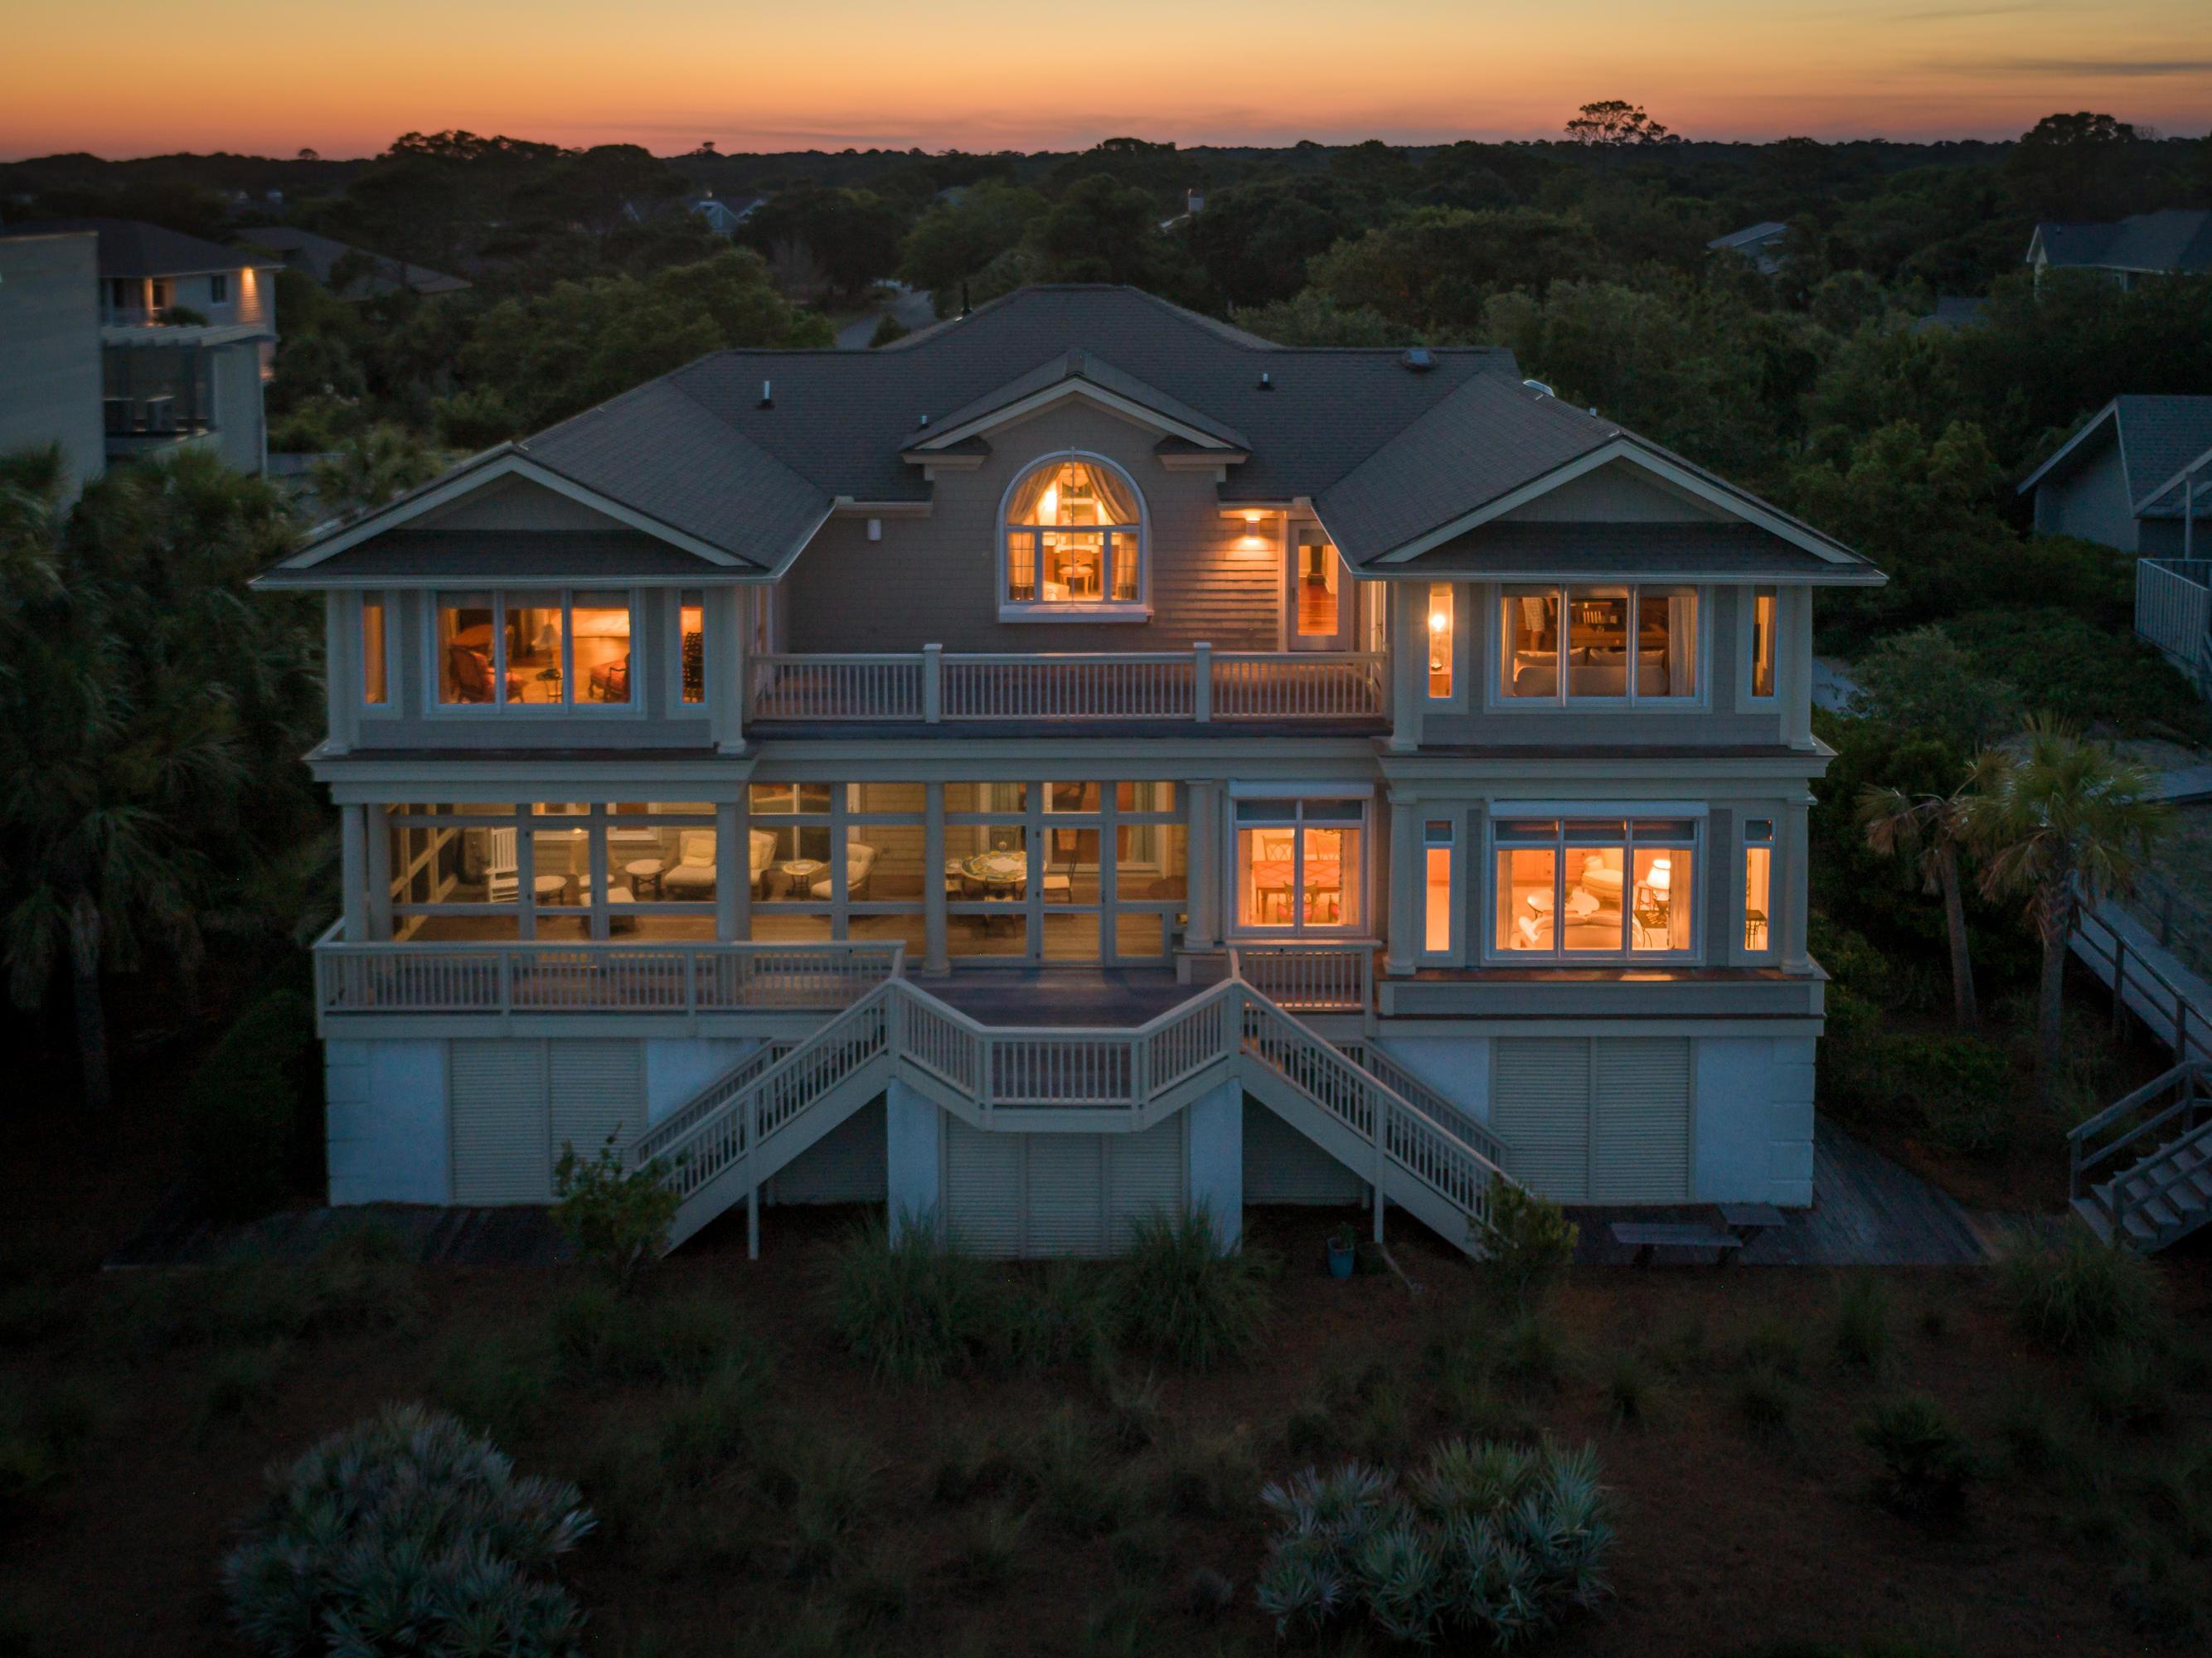 Seabrook Island Homes For Sale - 3640 Pompano, Seabrook Island, SC - 57